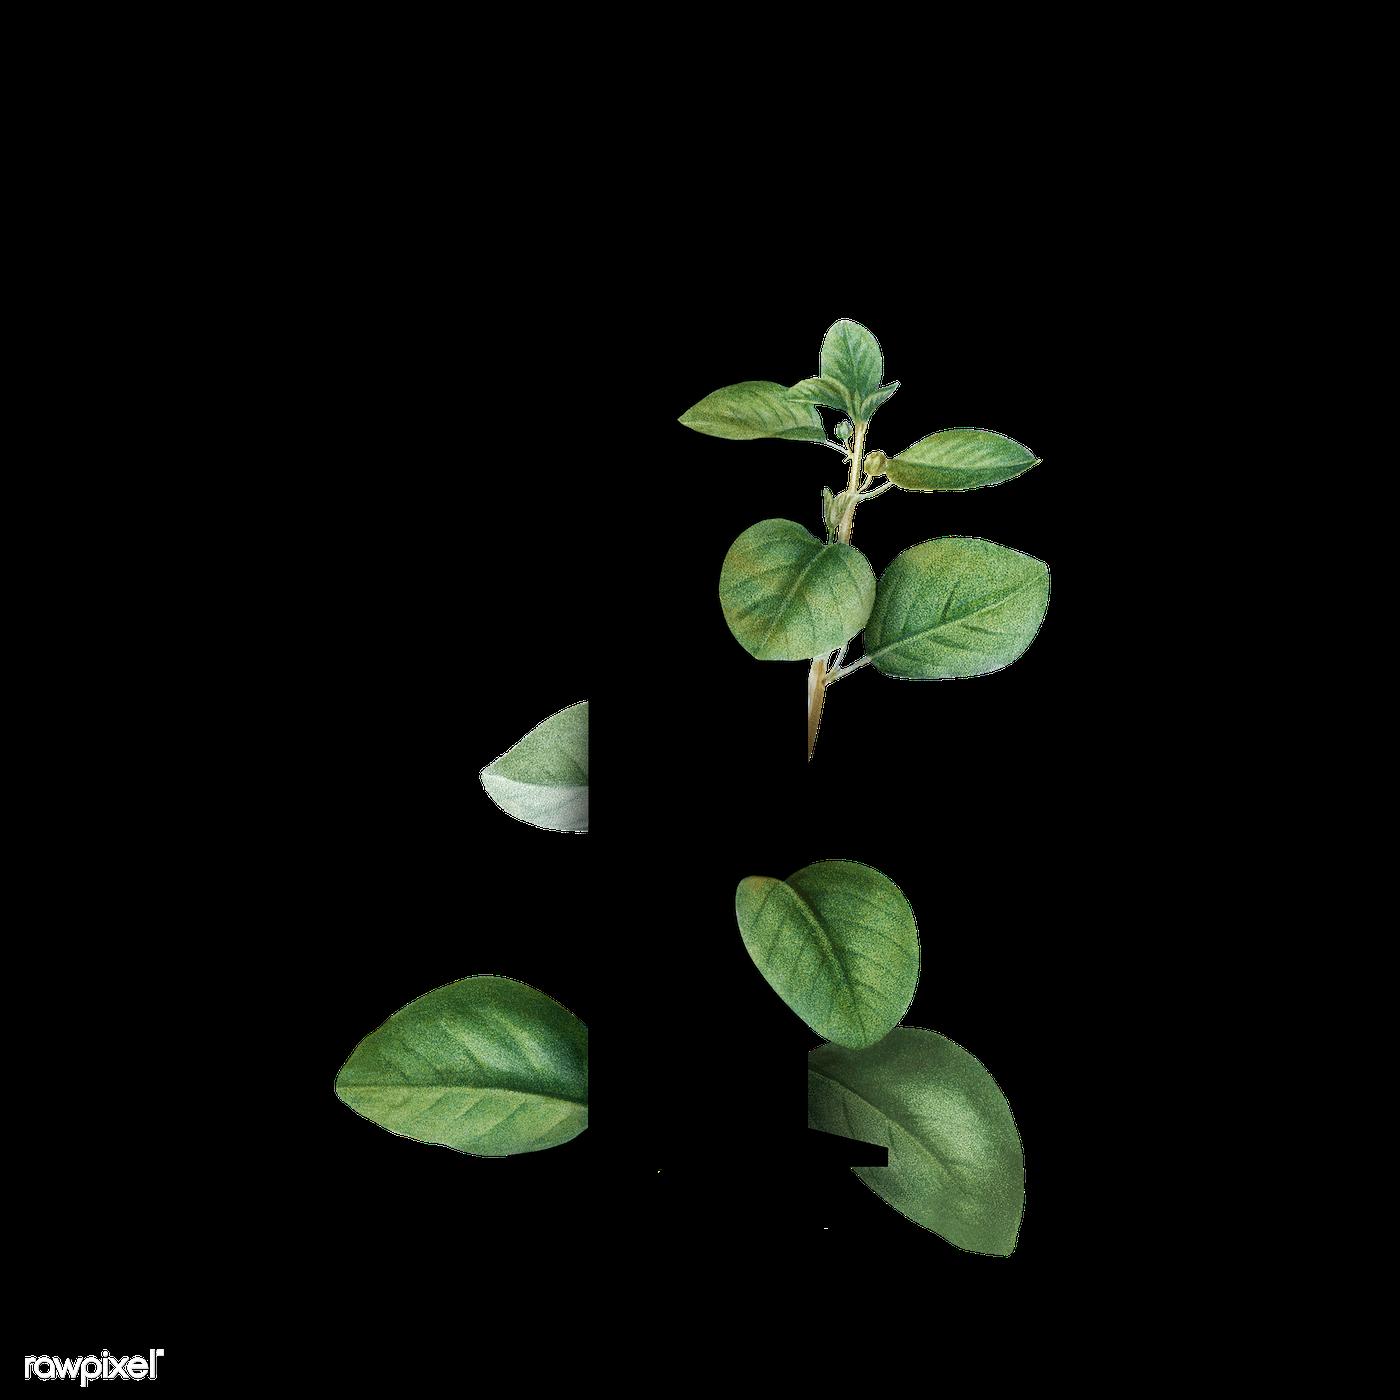 Botanical font letter I | Royalty free transparent png